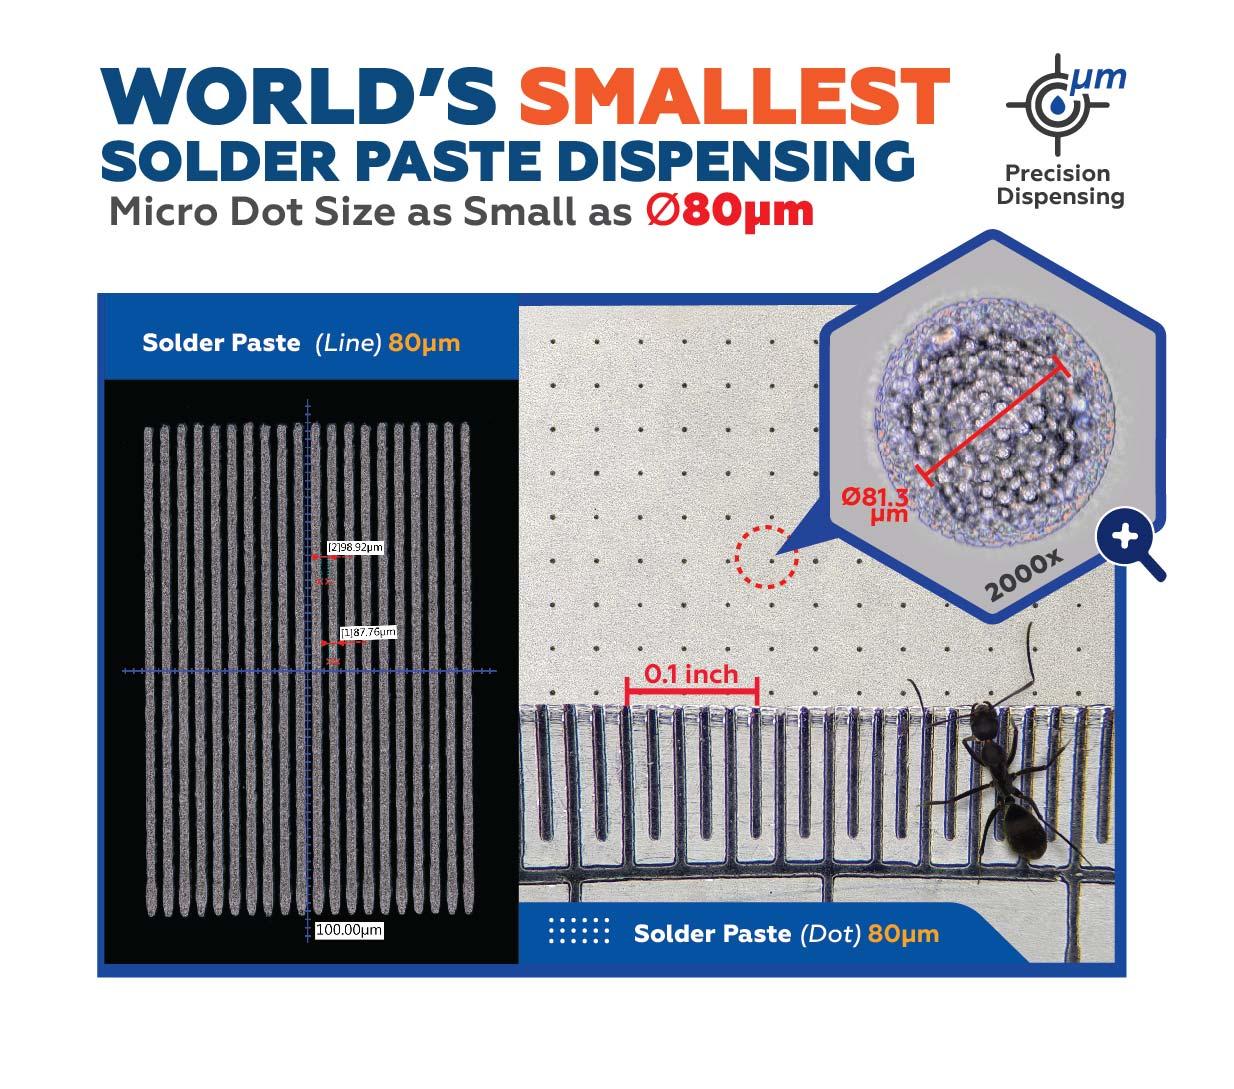 World's Smallest Solder Paste DIspensing..